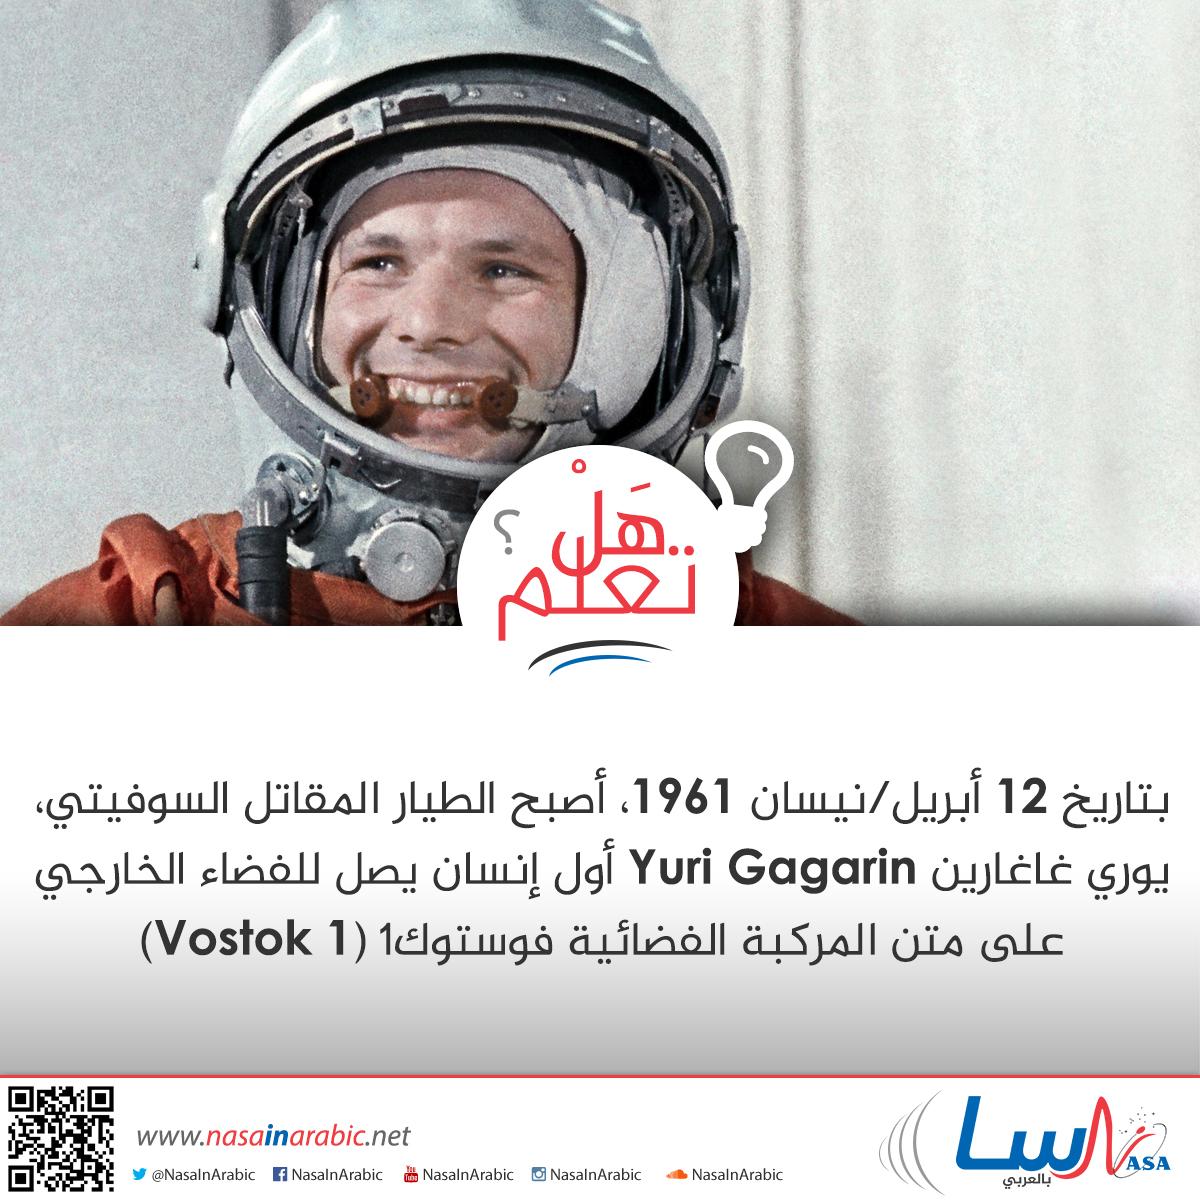 أول إنسانٍ في الفضاء